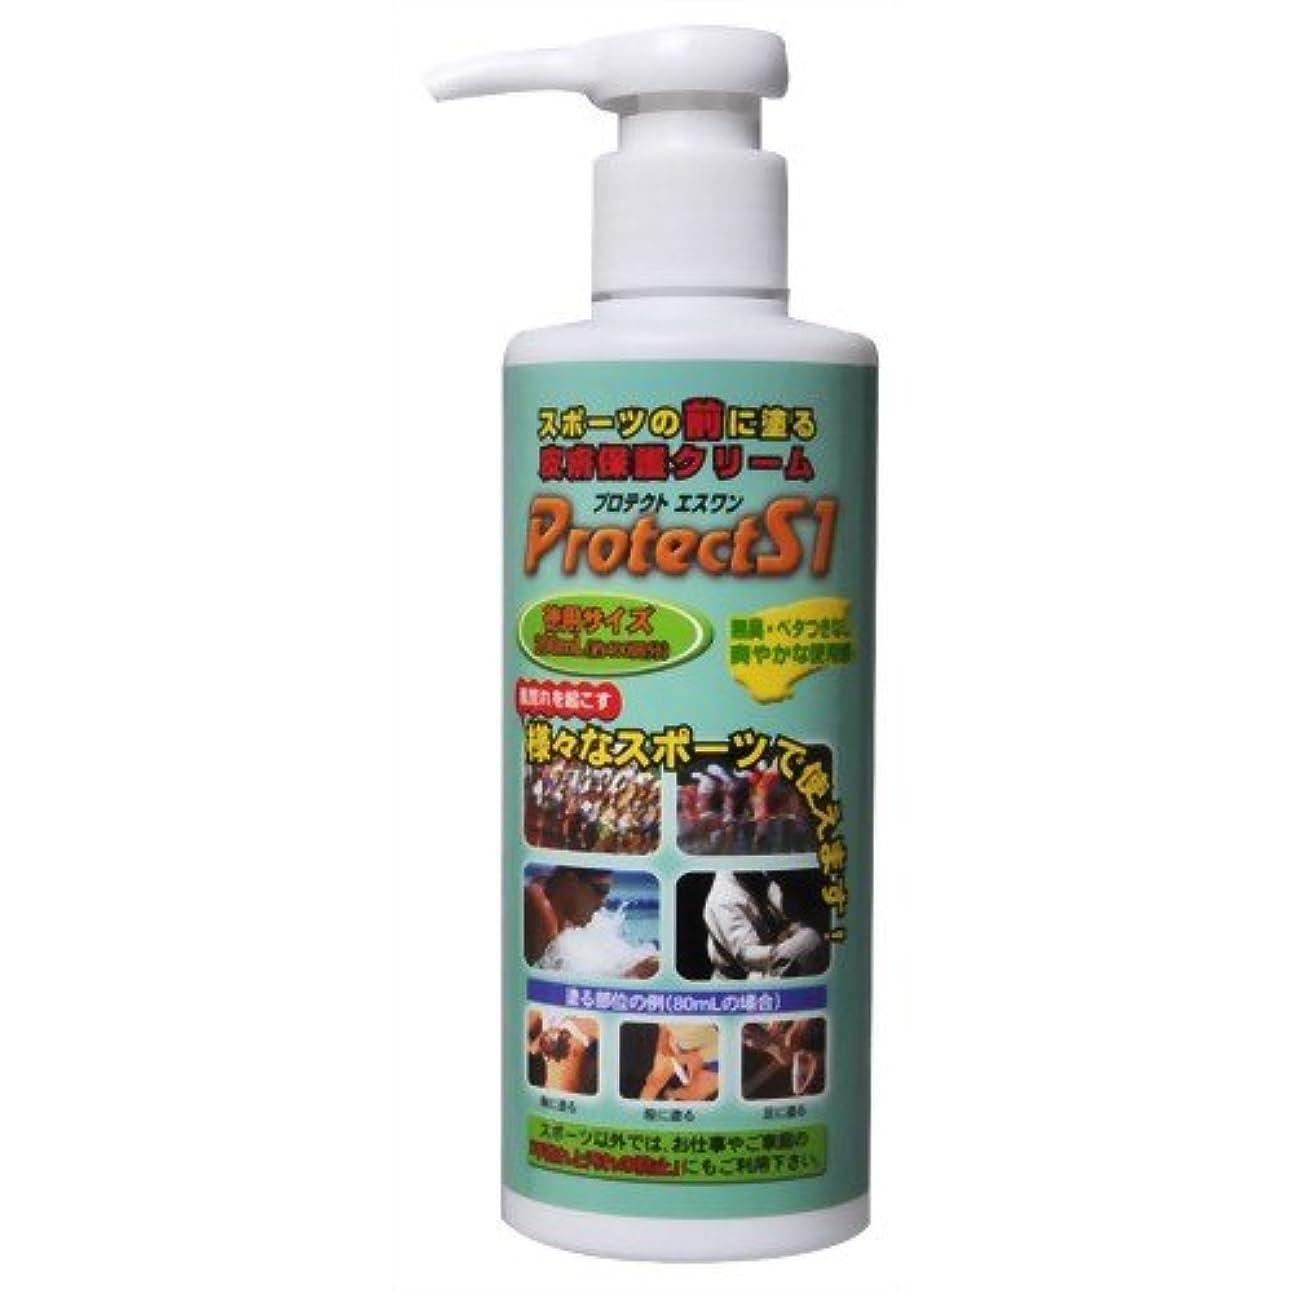 キルト酸素海外Protect S1 スポーツ摩擦皮膚保護クリーム 200ml